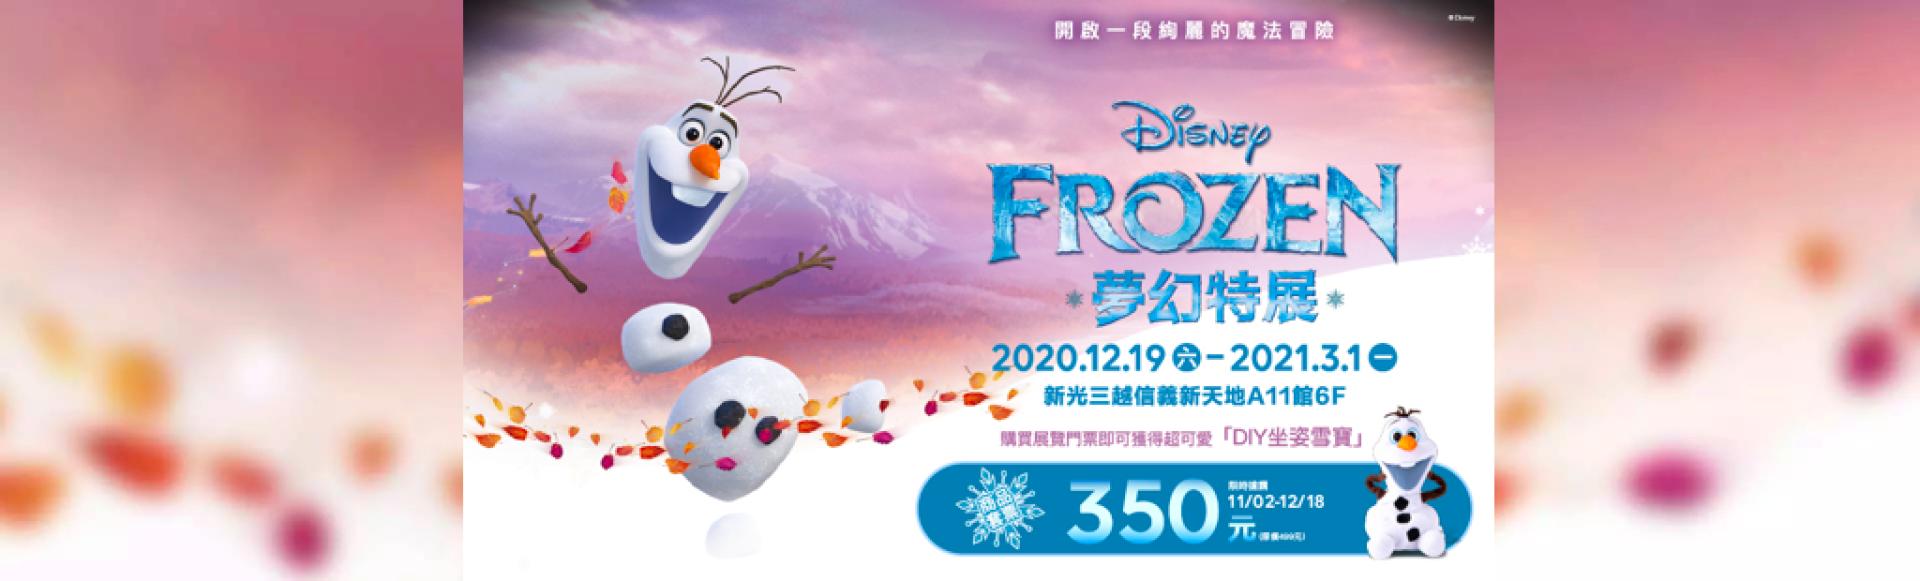 台北 ディズニー・アナと雪の女王展 入場チケット